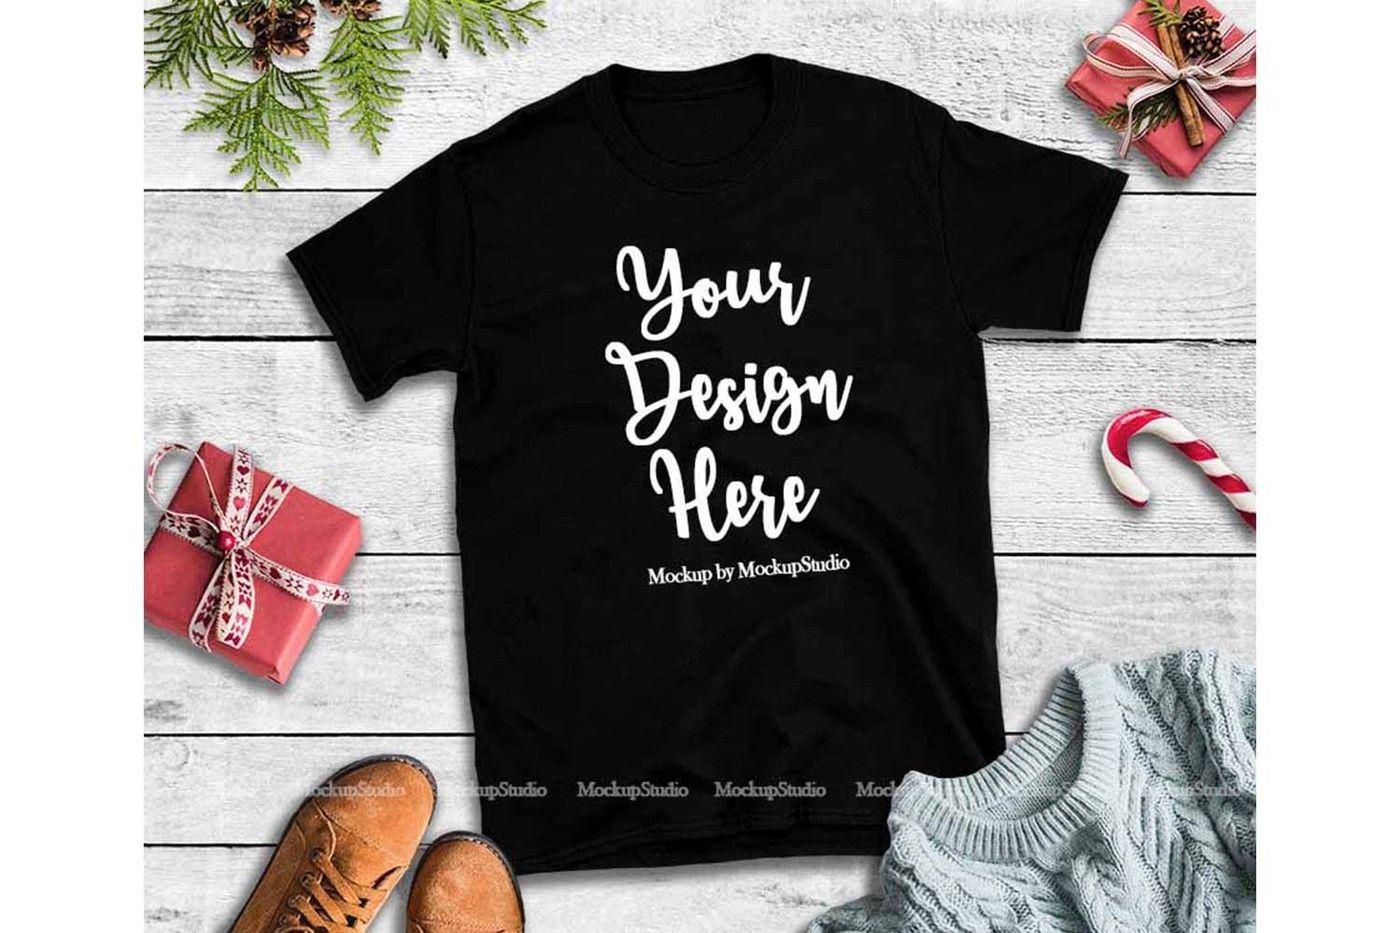 Christmas Tshirt Mockup Bundle 5 Colors Gildan 64000 Shirt By